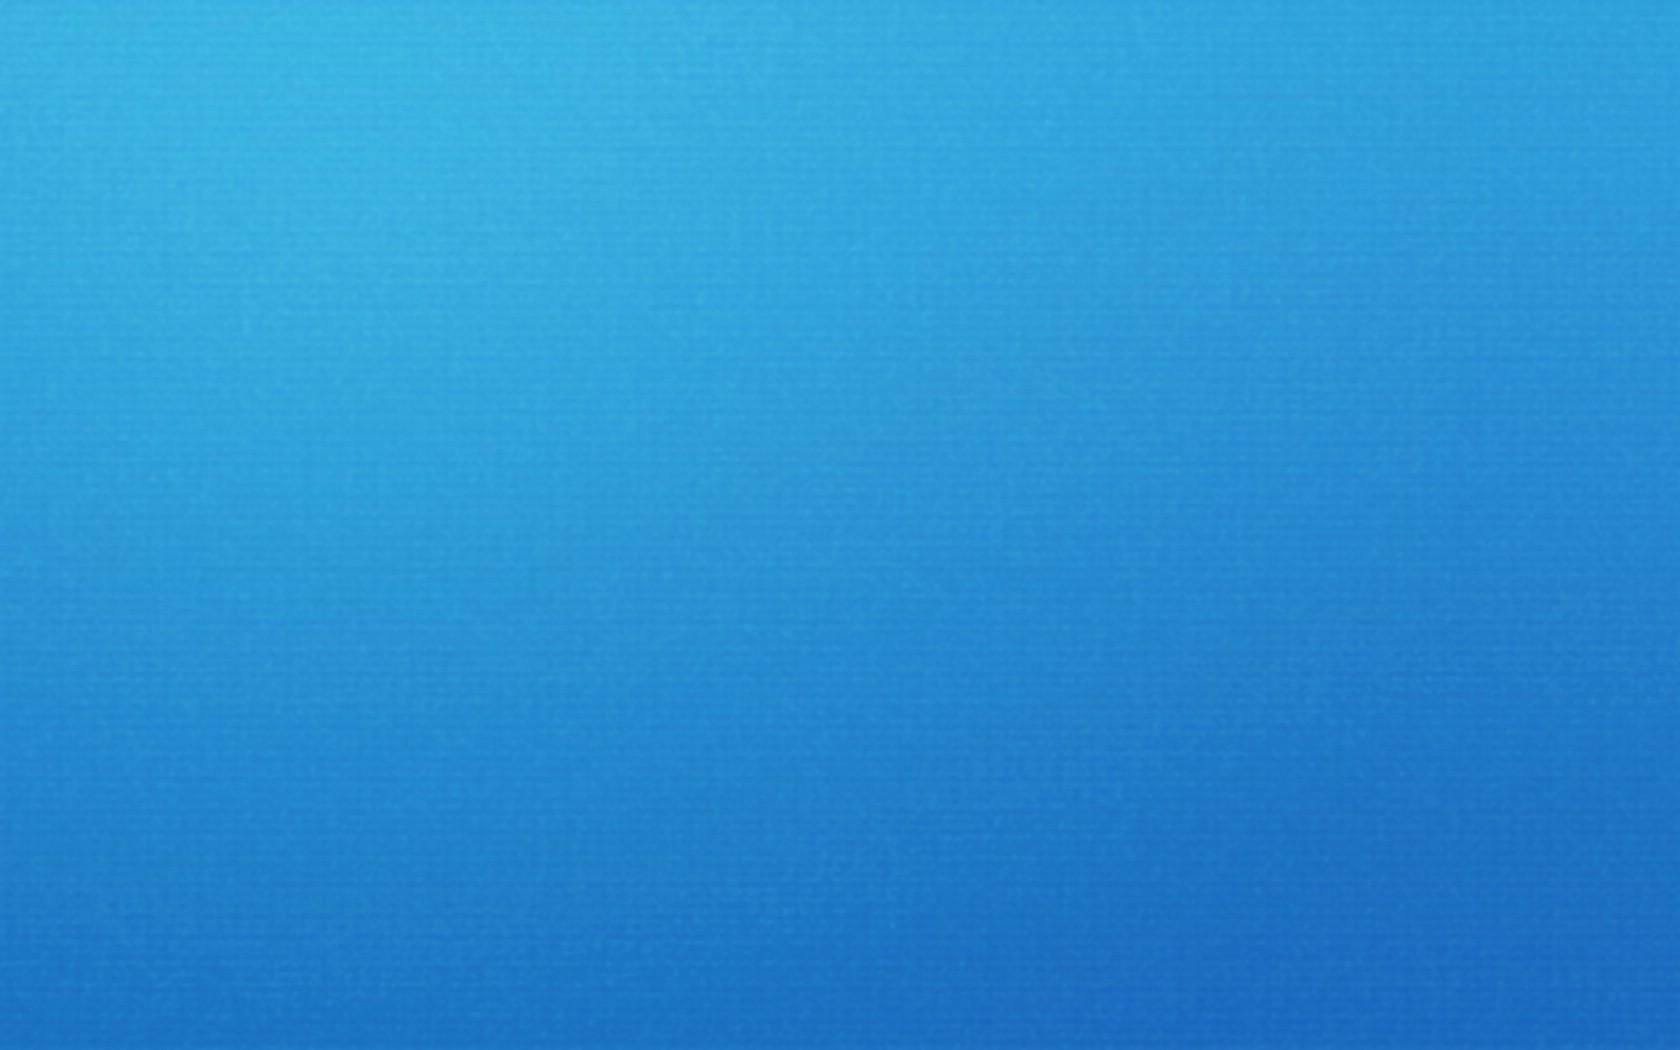 全蓝的图片可以做头像的没有任何东西的图片